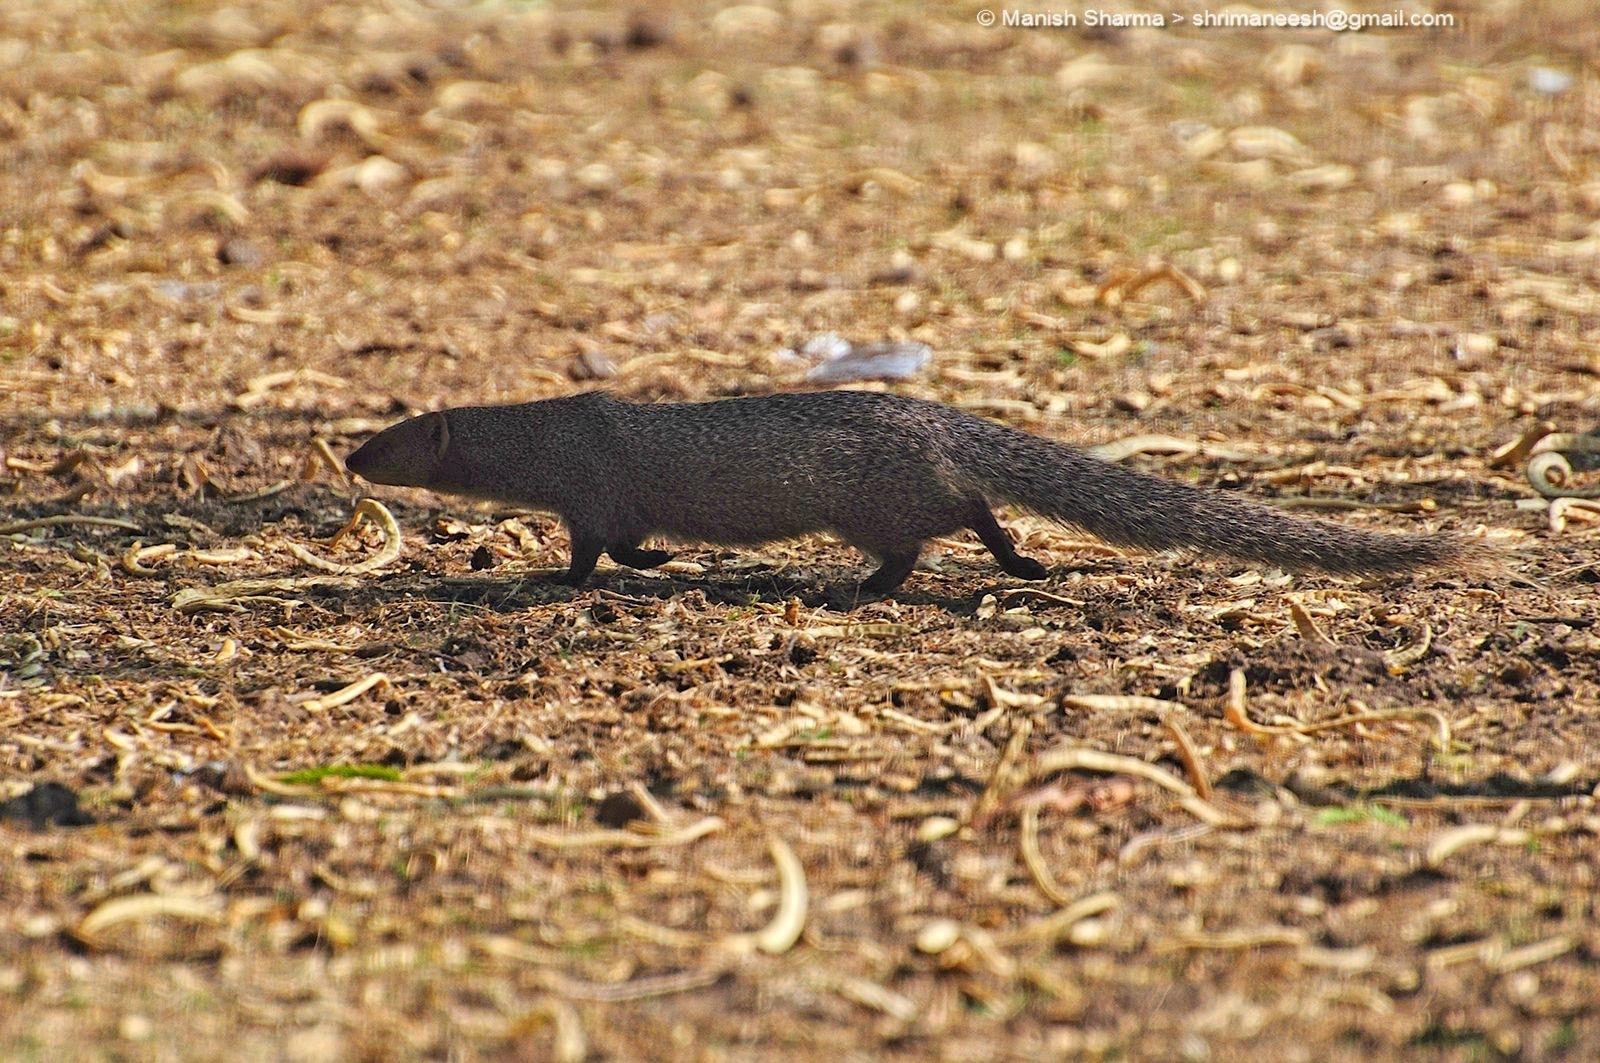 Mongoose...Scientific name: Herpestidae by Maneesh Sharma